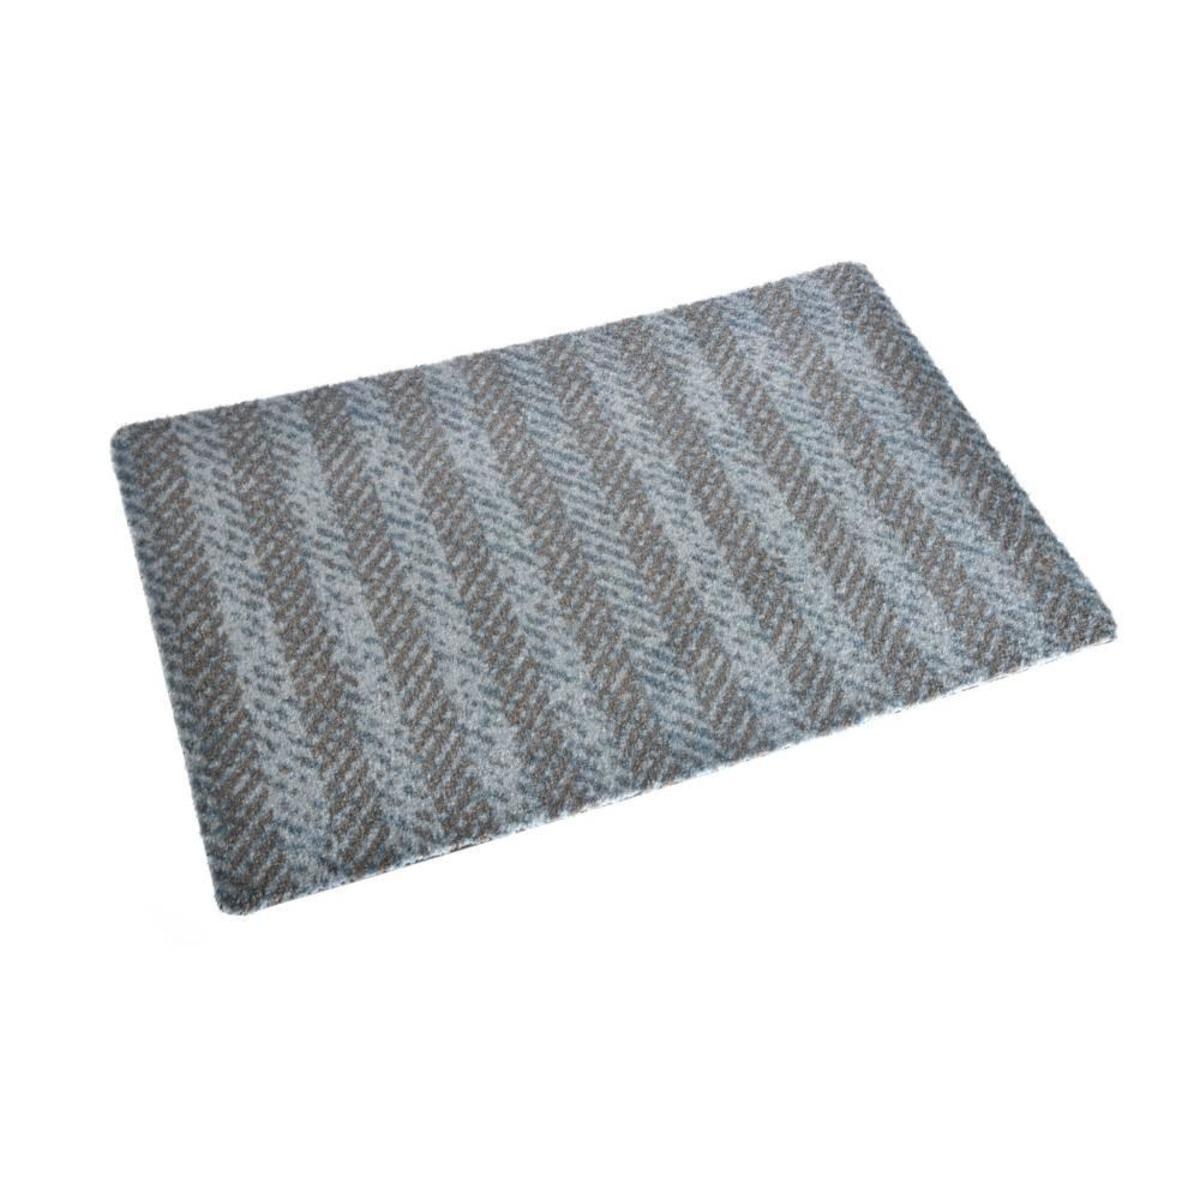 Bild 2 von acerto® BELIZE3 Badteppich – waschbarer Badvorleger 40x70 cm